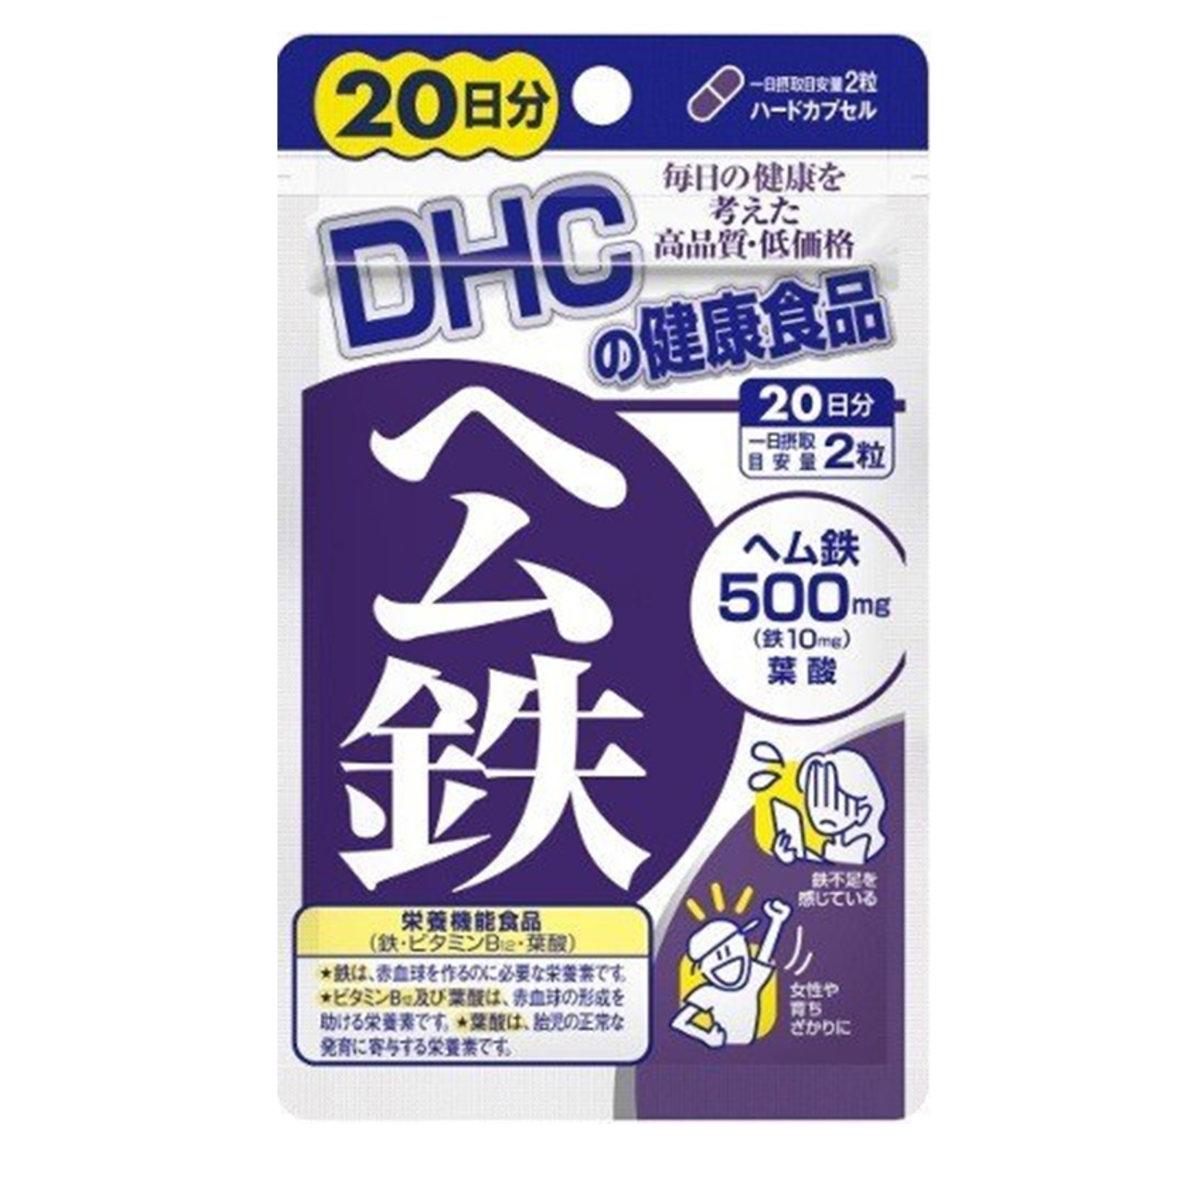 DHC 血紅嫩鐵精華素(20日份量) 40粒 (平行進口)